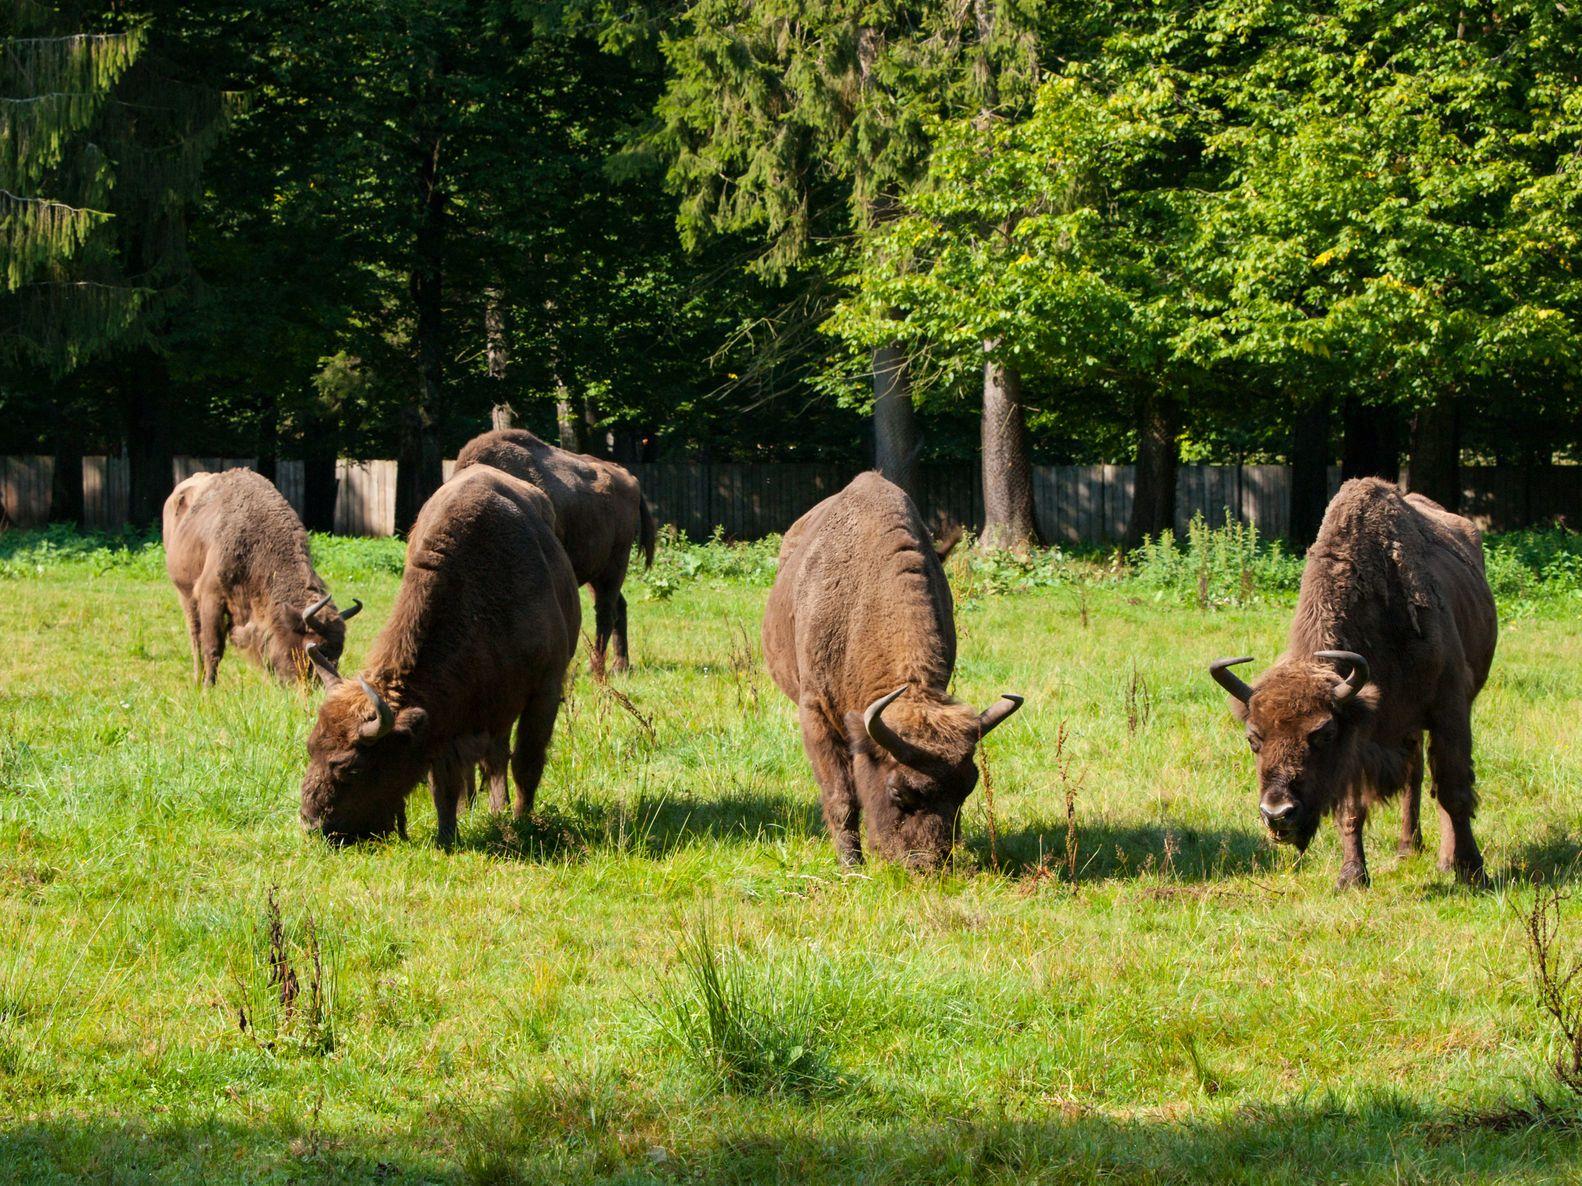 Zubří stádo v Bělověžském pralese | pytyczech/123RF.com